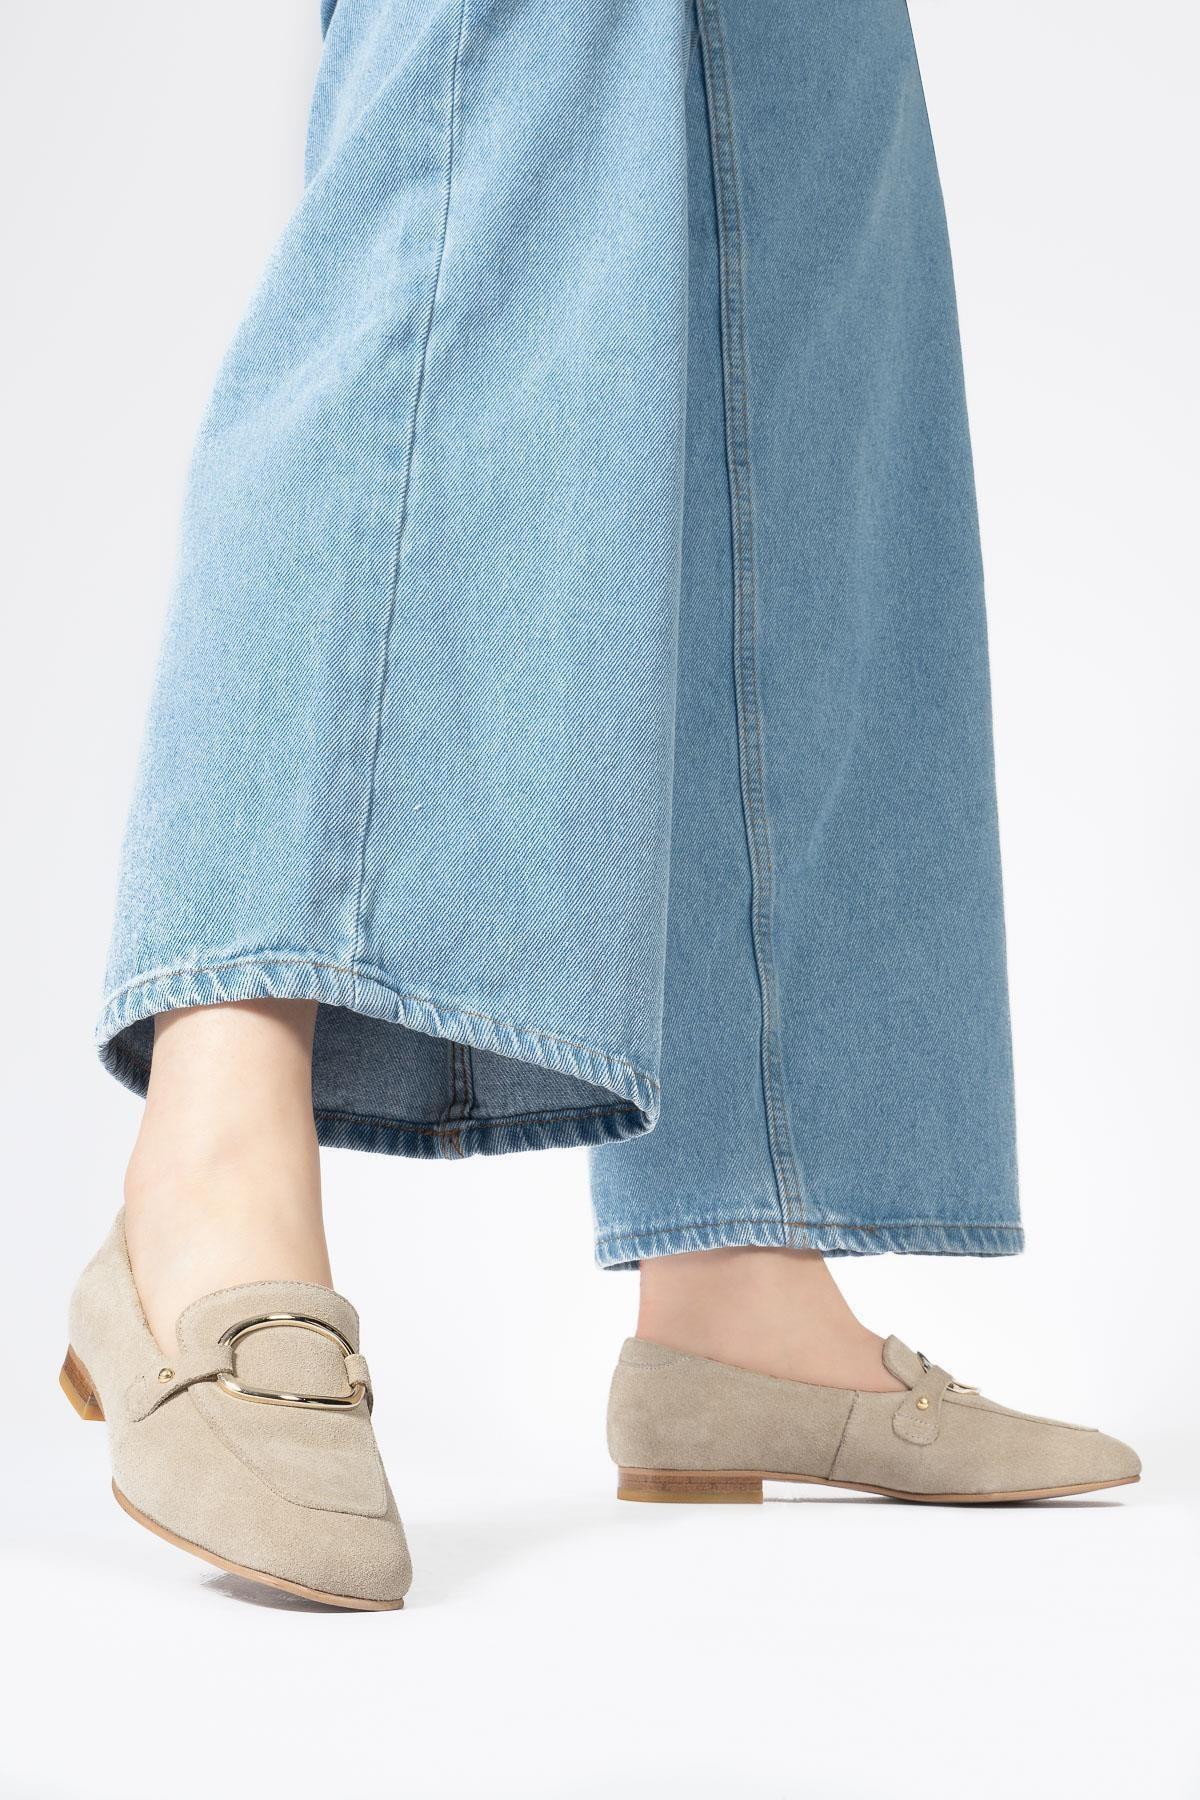 Kadın Bej Hakiki Deri Loafer Casual Günlük Ayakkabı